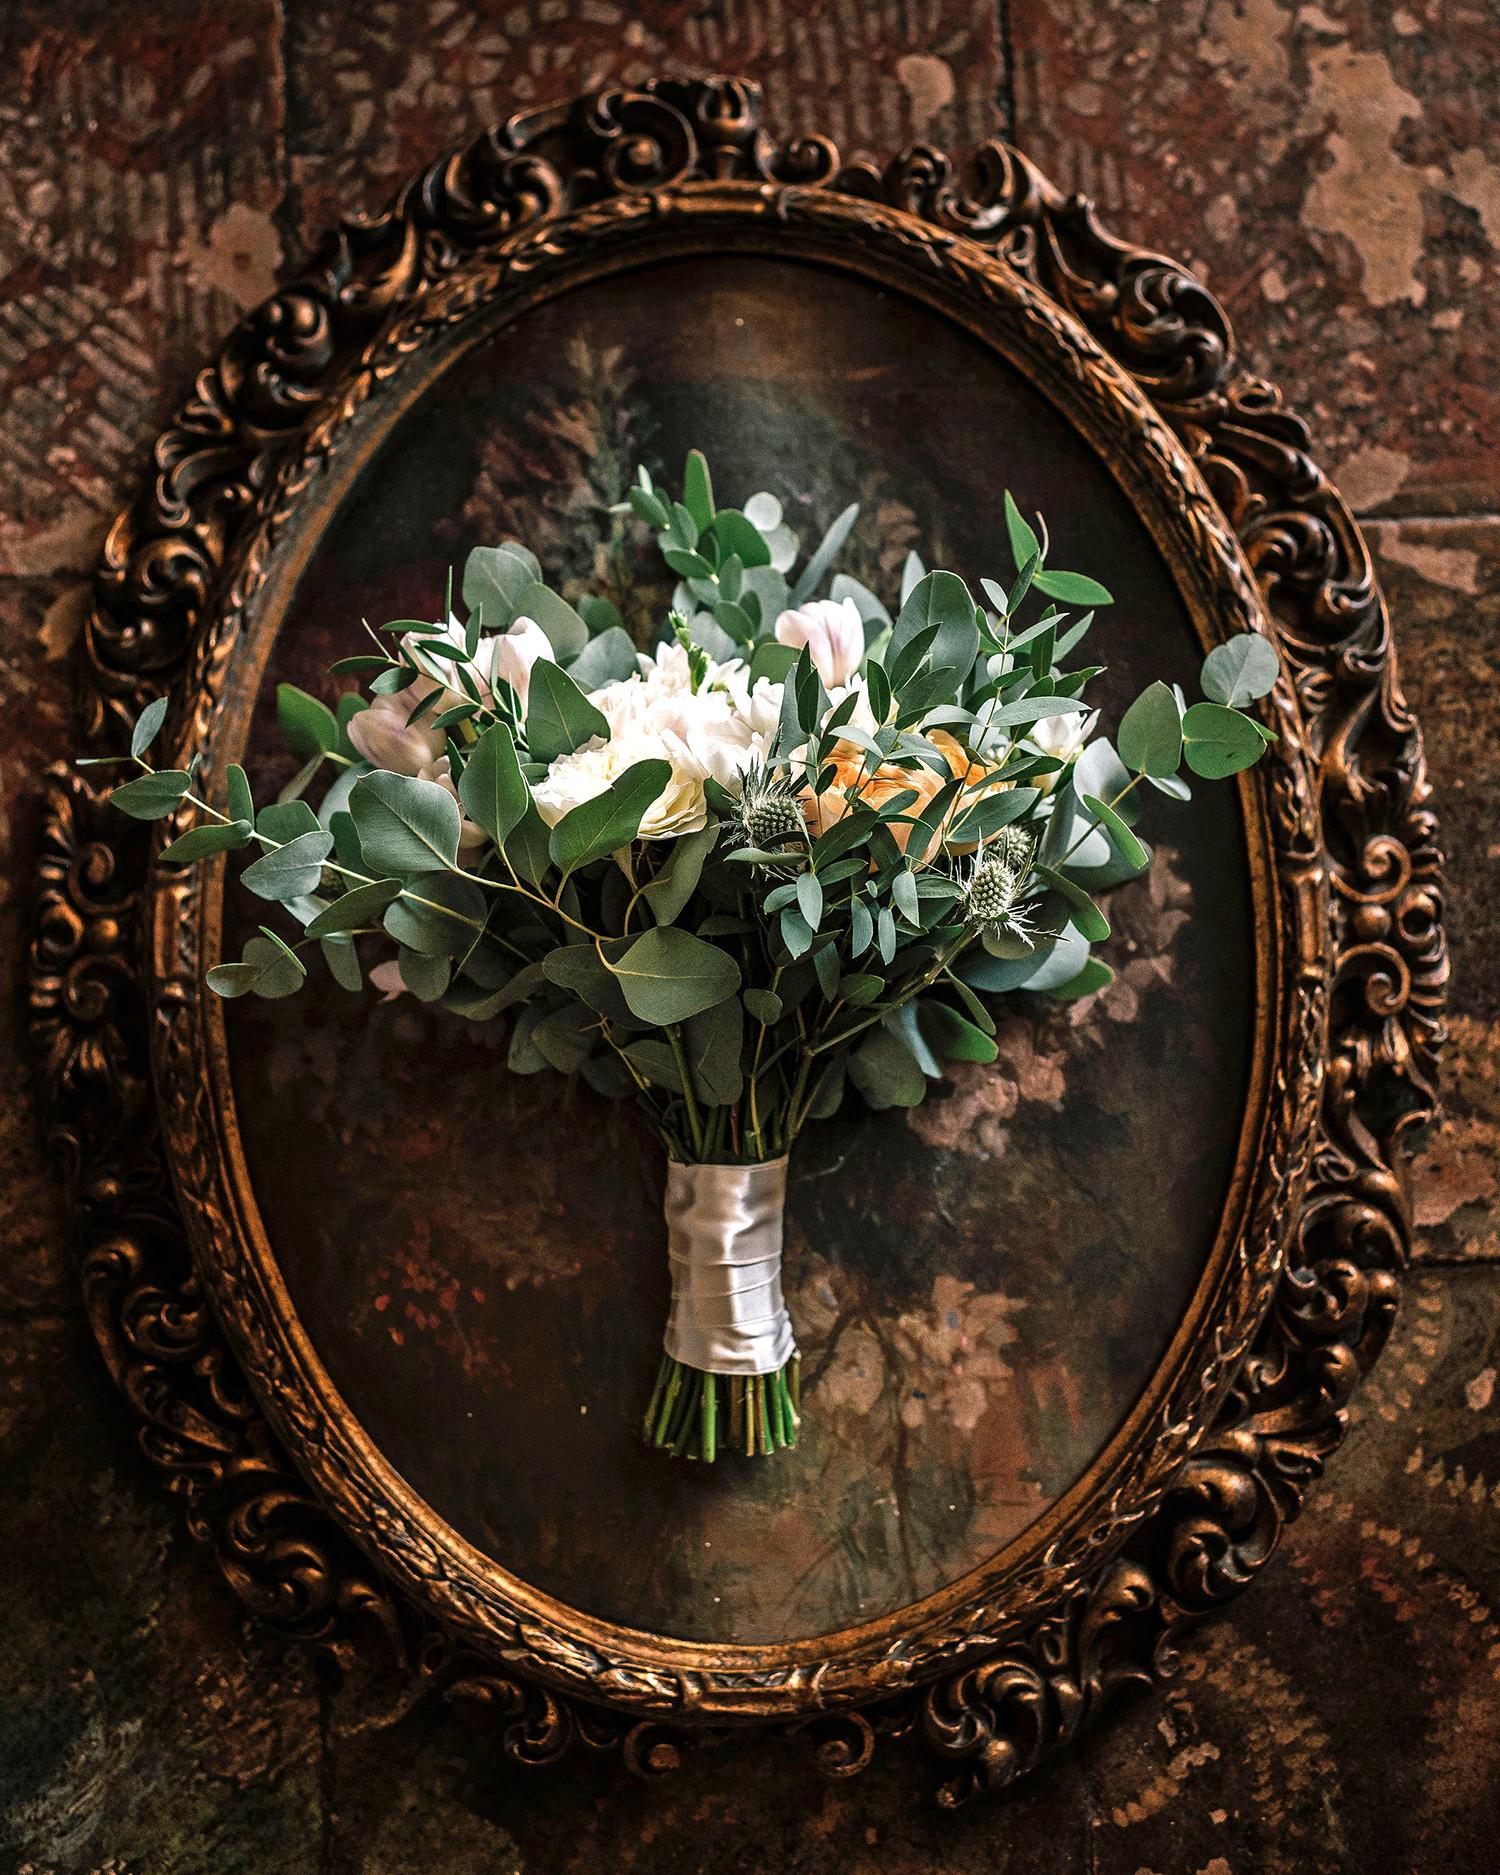 cara david wedding bouquet sitting on antique mirror